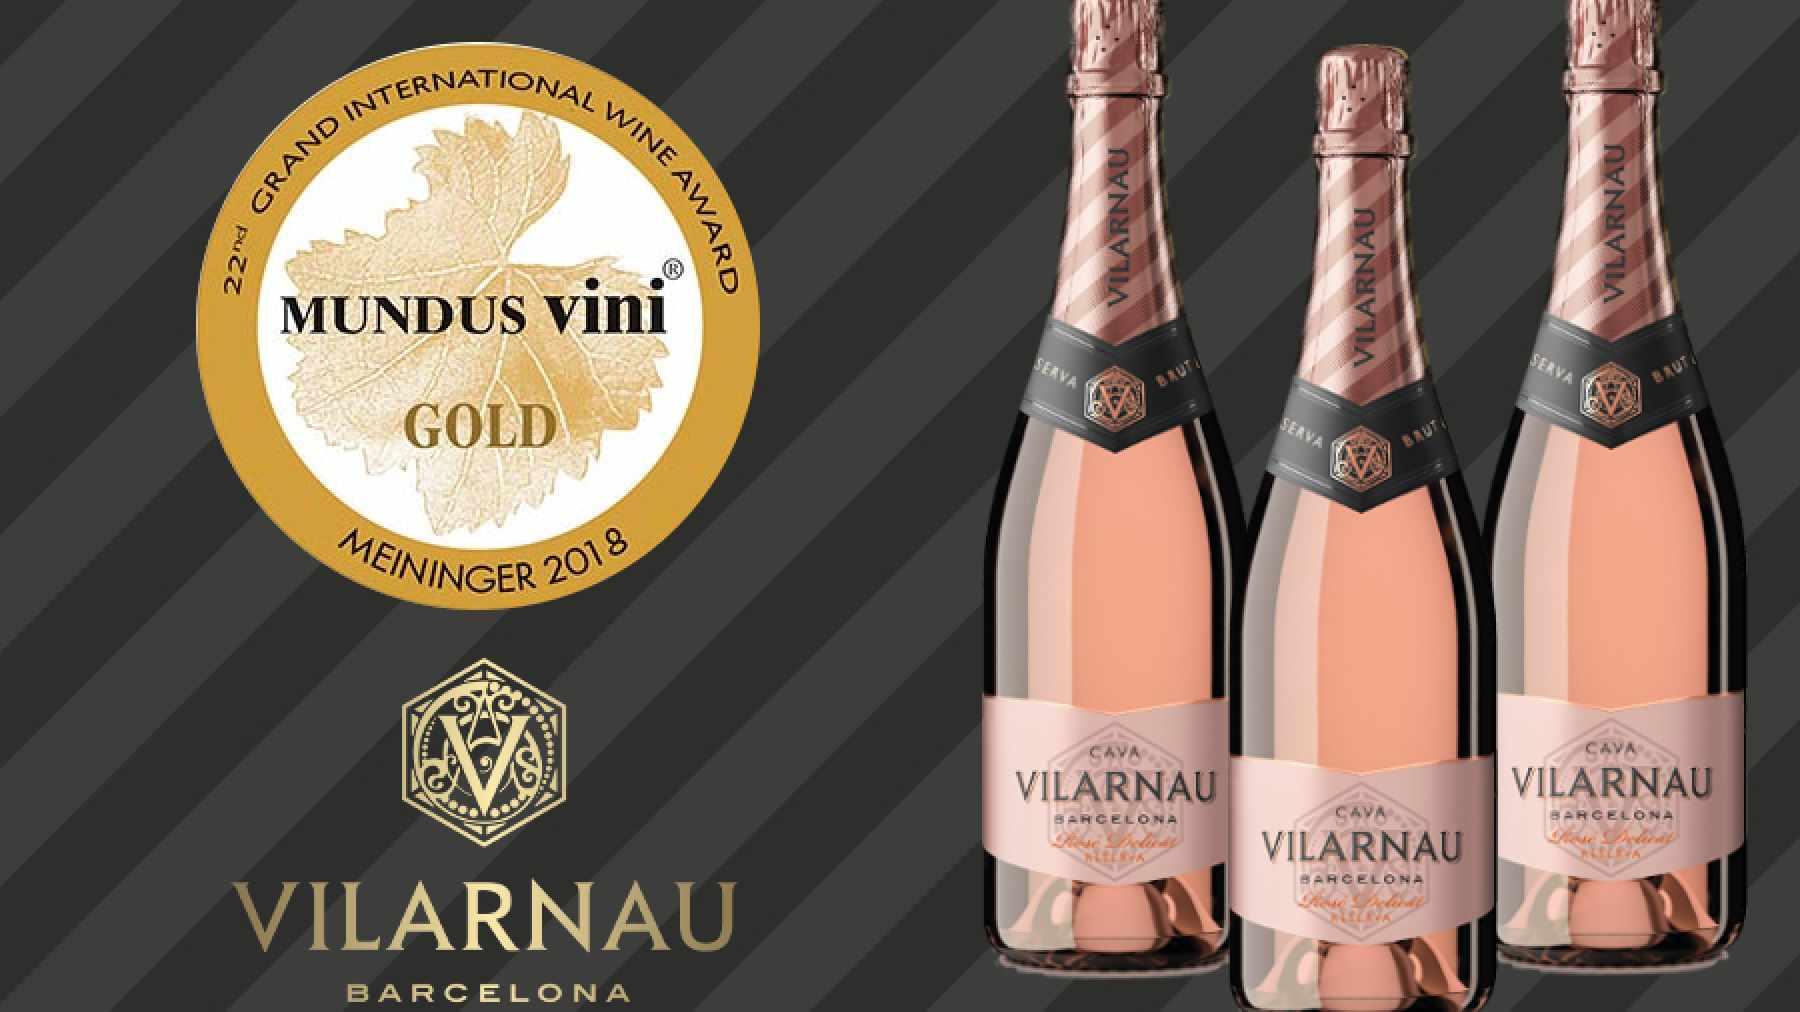 Mundus Vini Rosé Delicat Gold Medal